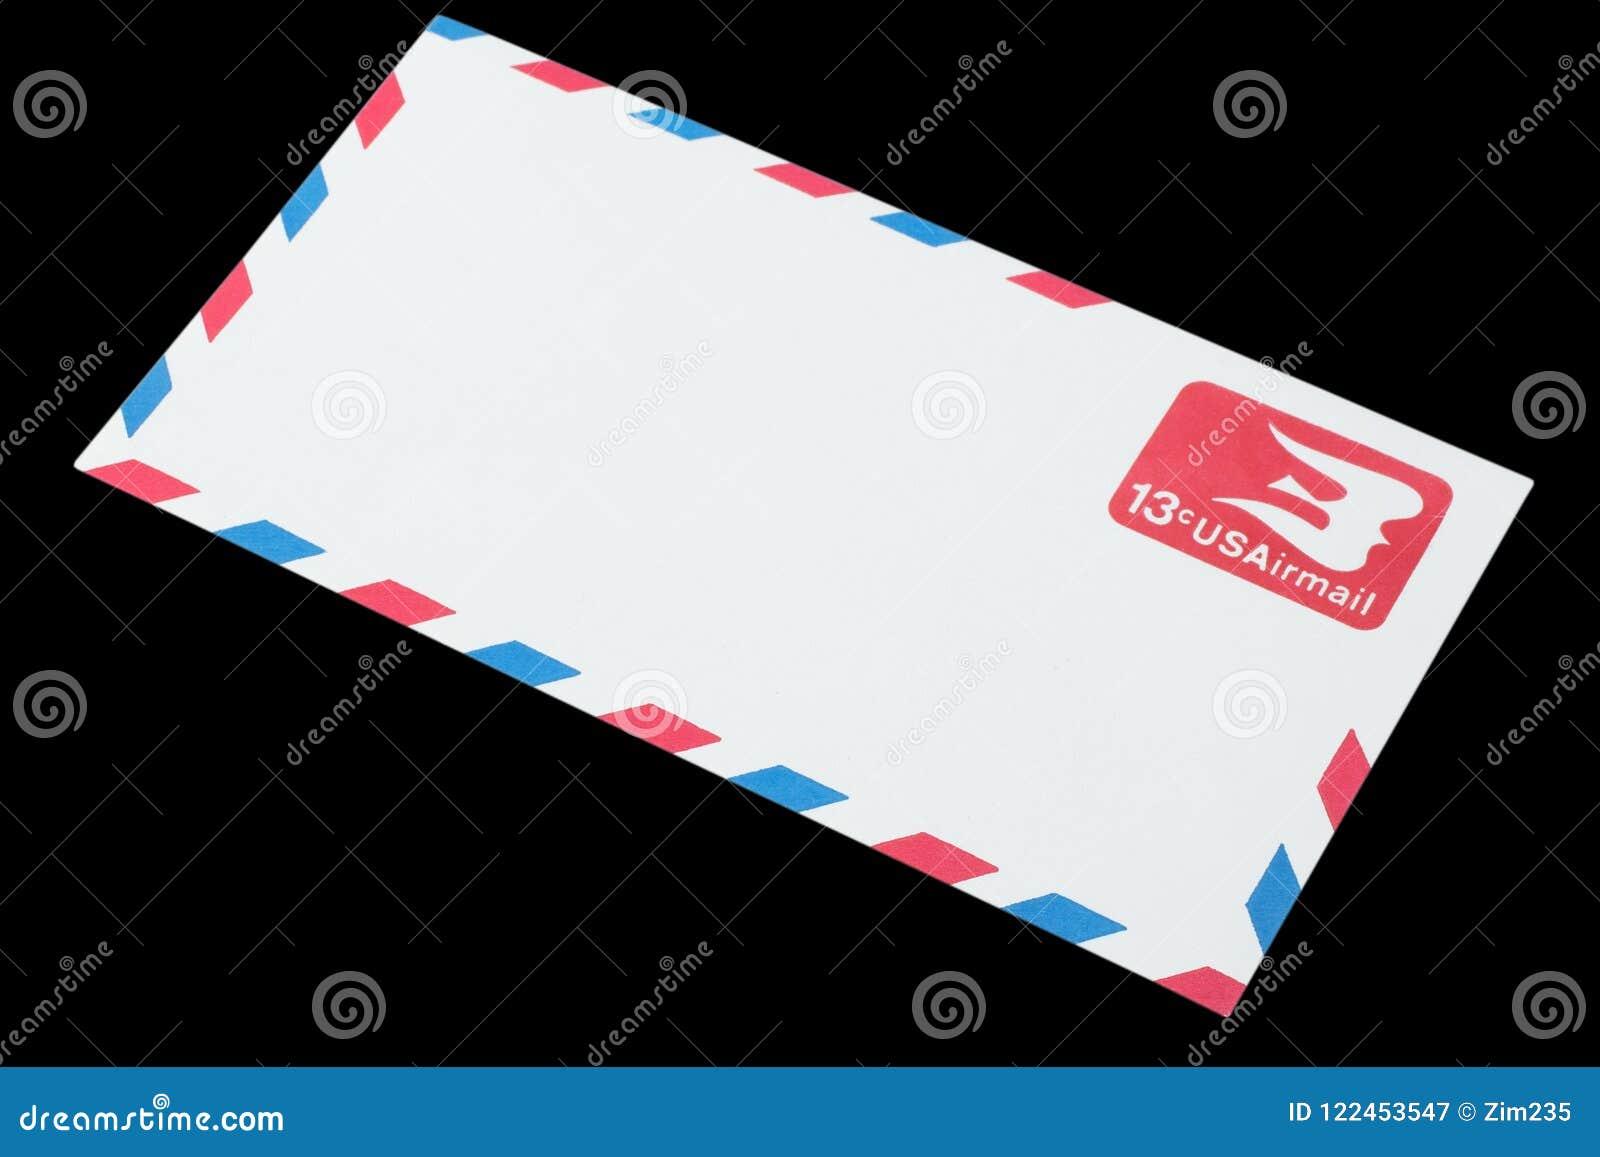 DIE VEREINIGTEN STAATEN VON AMERIKA - CIRCA 1968: Ein alter Umschlag für Luftpost